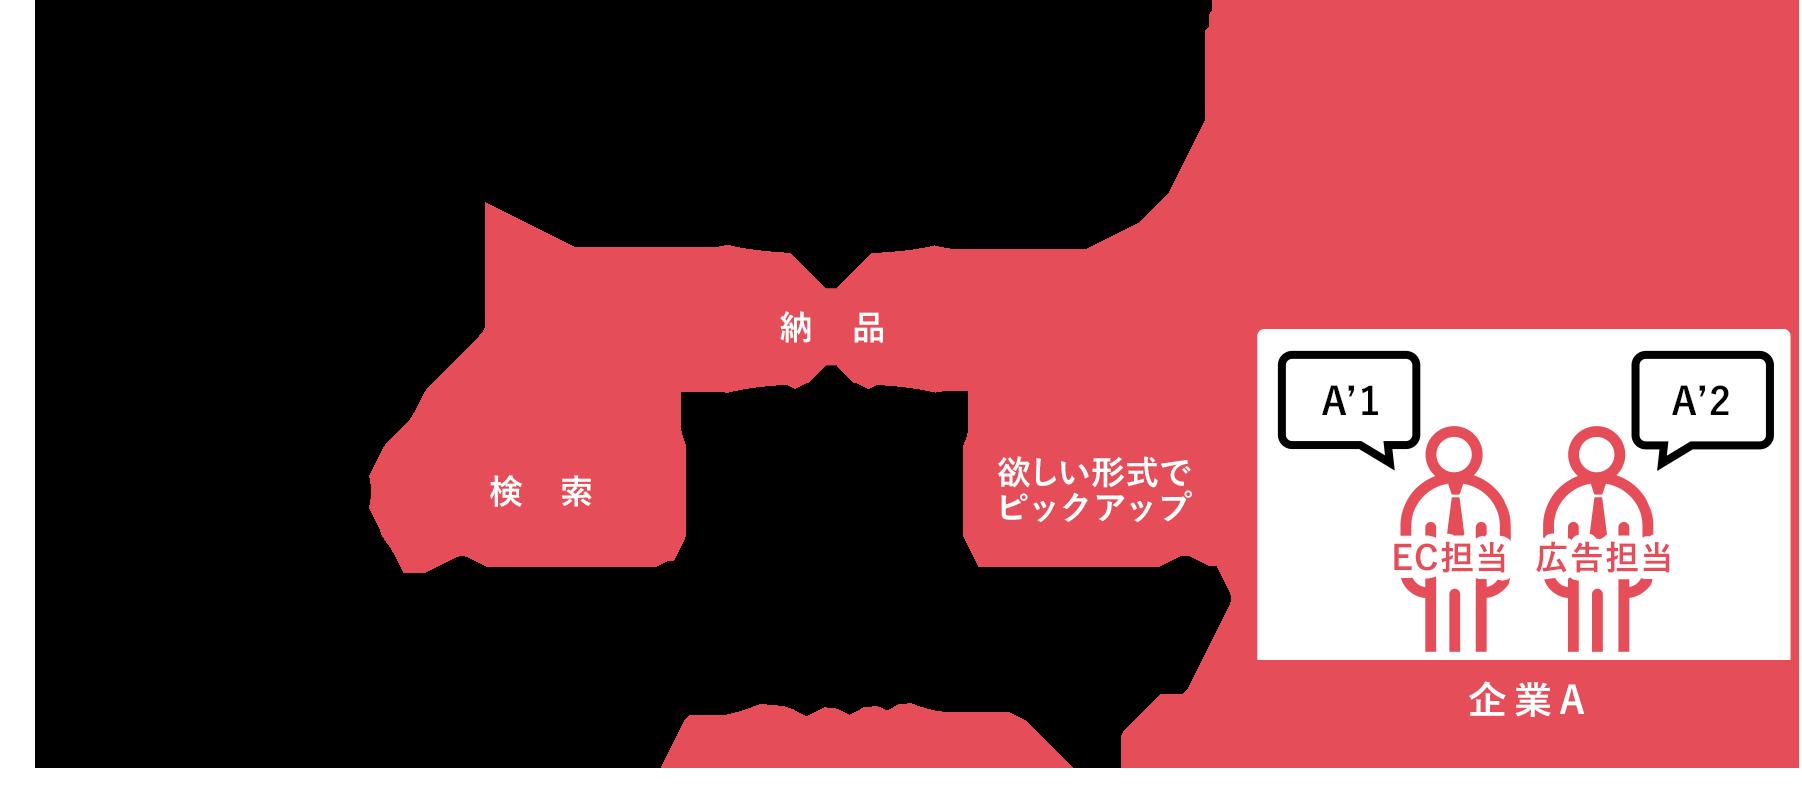 デジタルアセットマネジメント